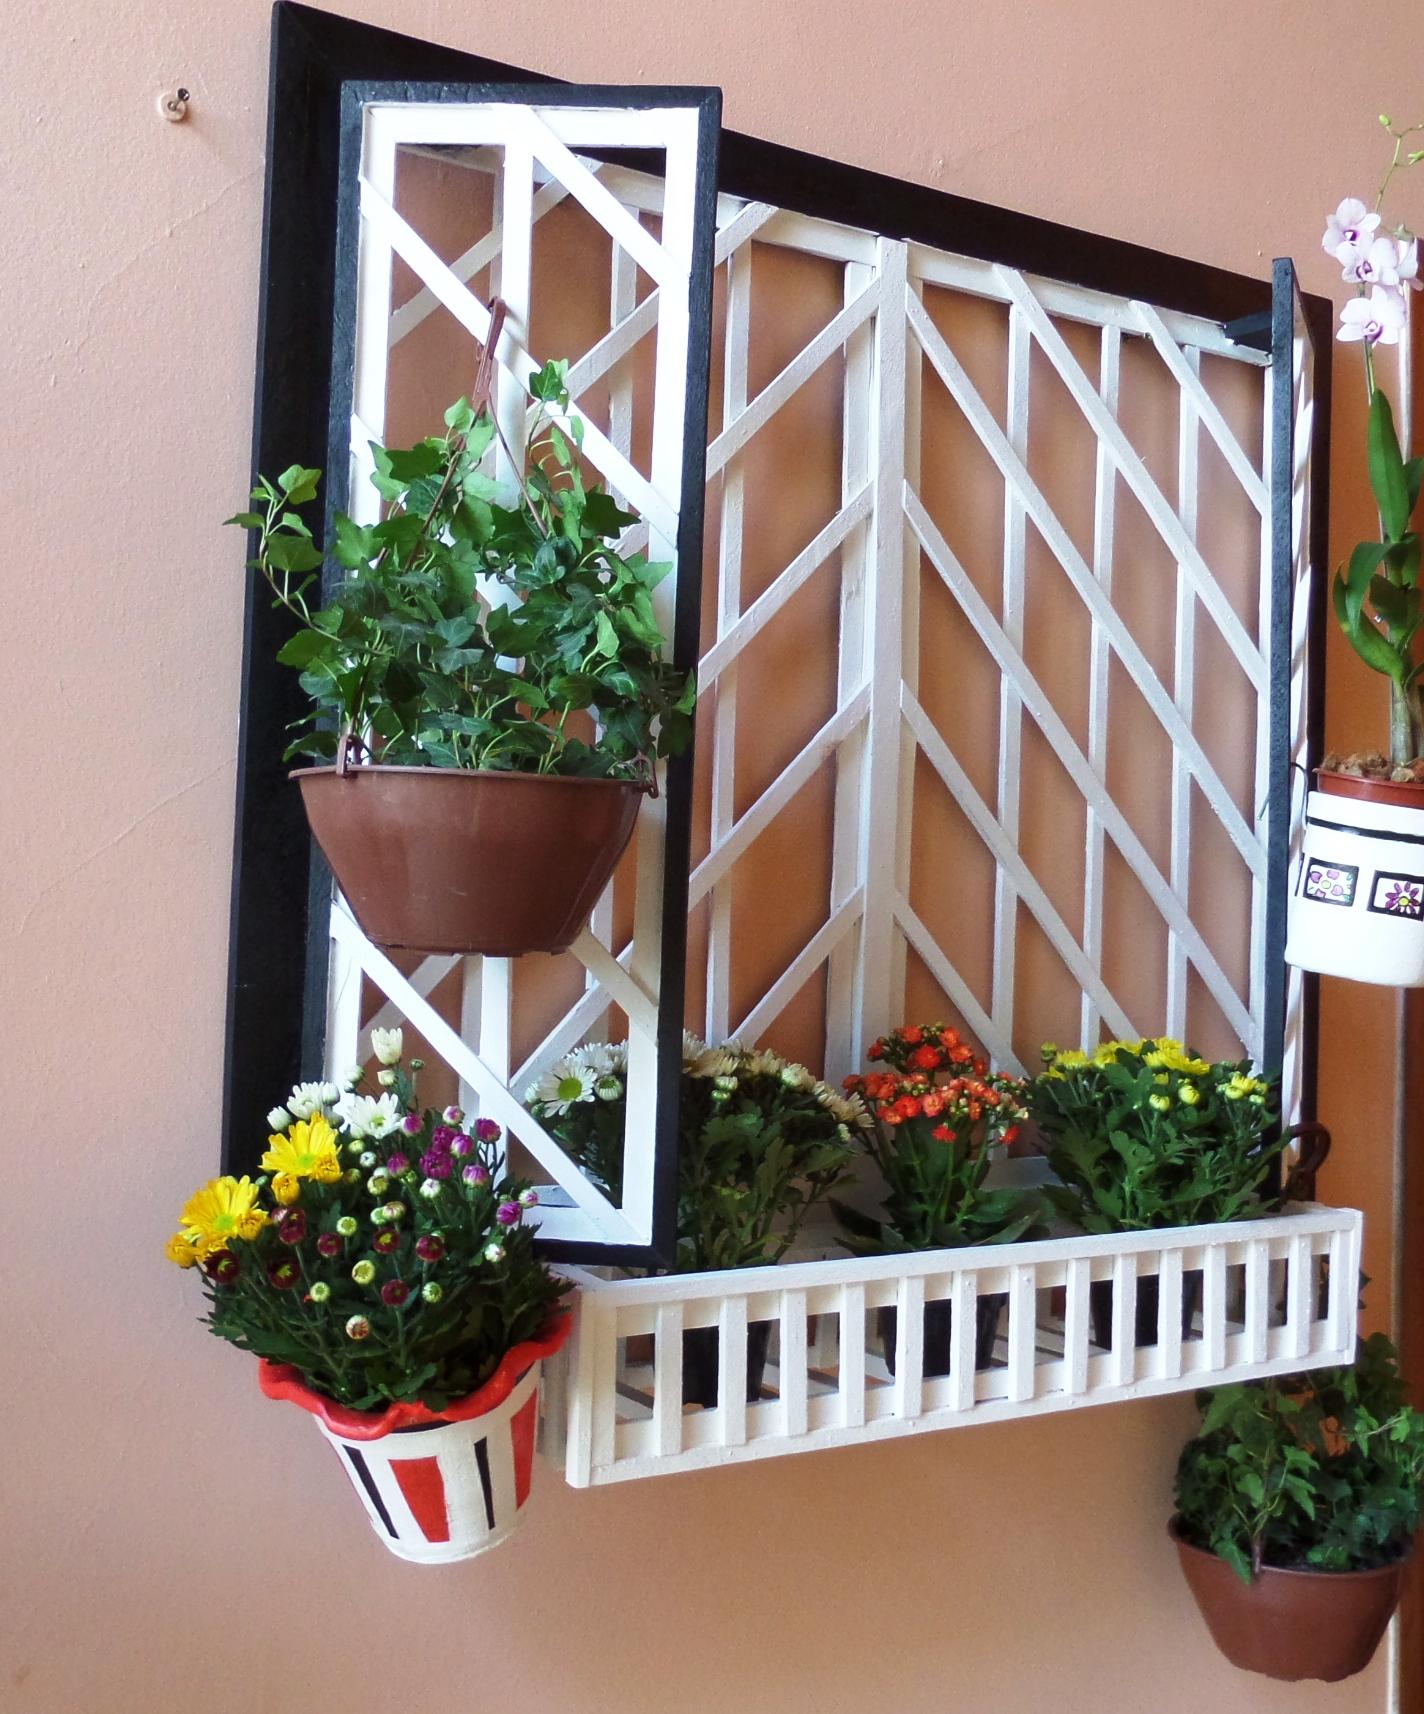 grade de jardim vertical : grade de jardim vertical:jardim-vertical-modelo-janela-paisagismo jardim-vertical-modelo-janela